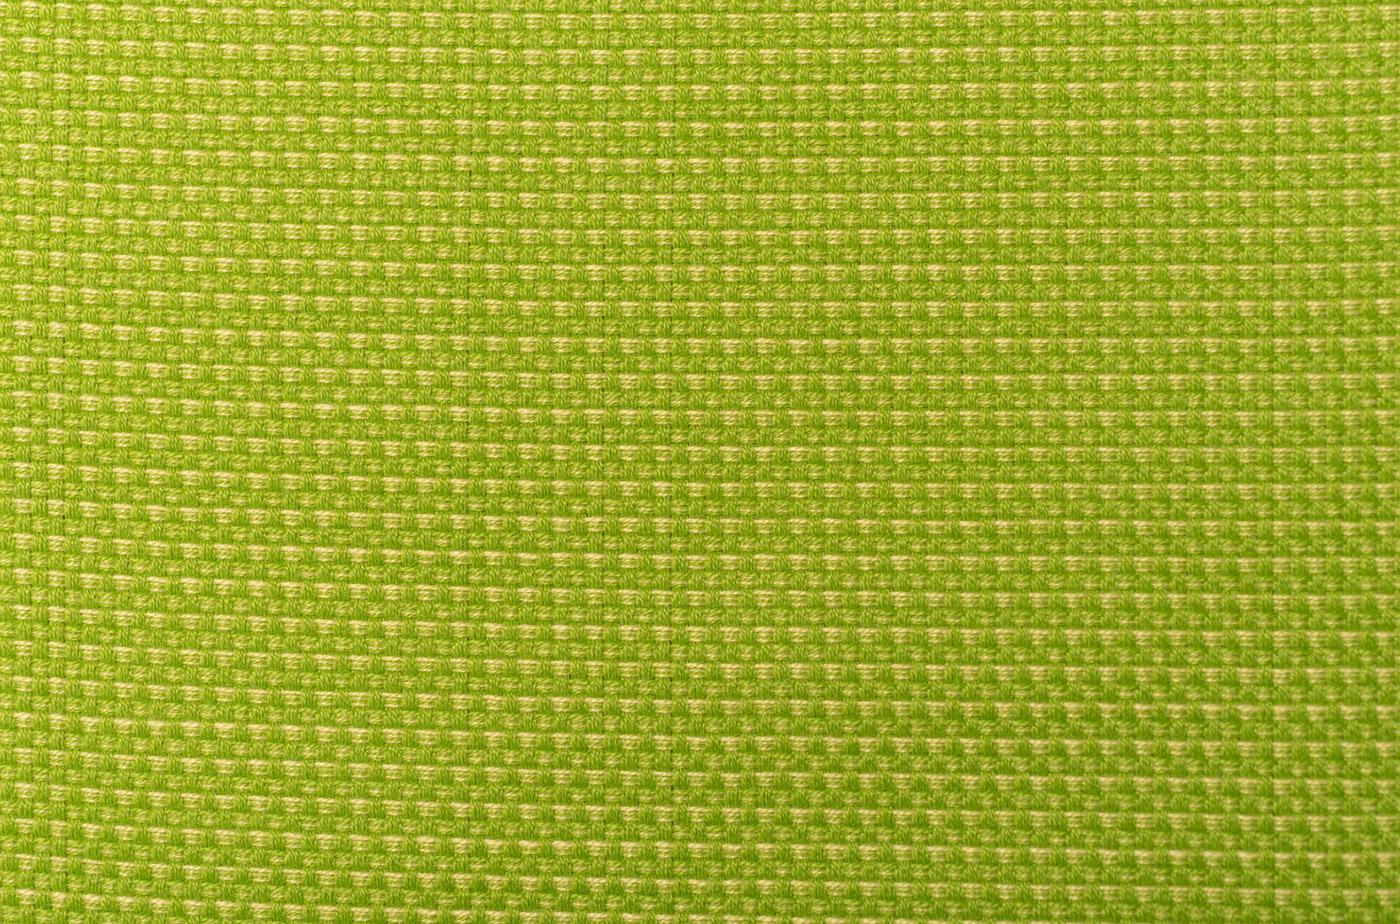 Alyssa Luvs Lemon Grass 10032 13